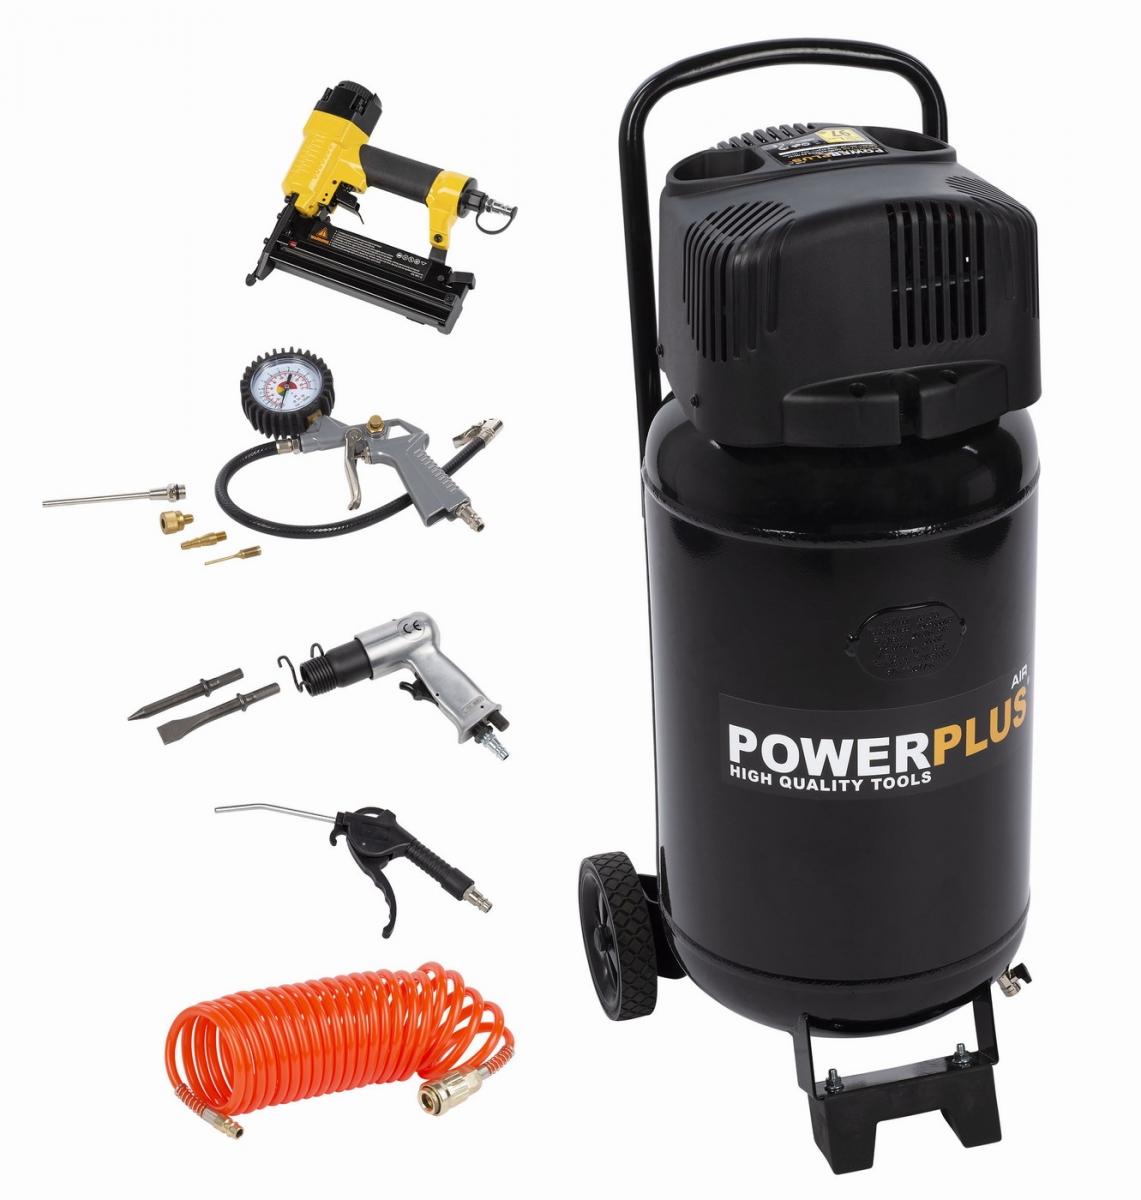 PowerPlus POWX1751 bezolejový kompresor 1100W 50L + 9 ks příslušenství